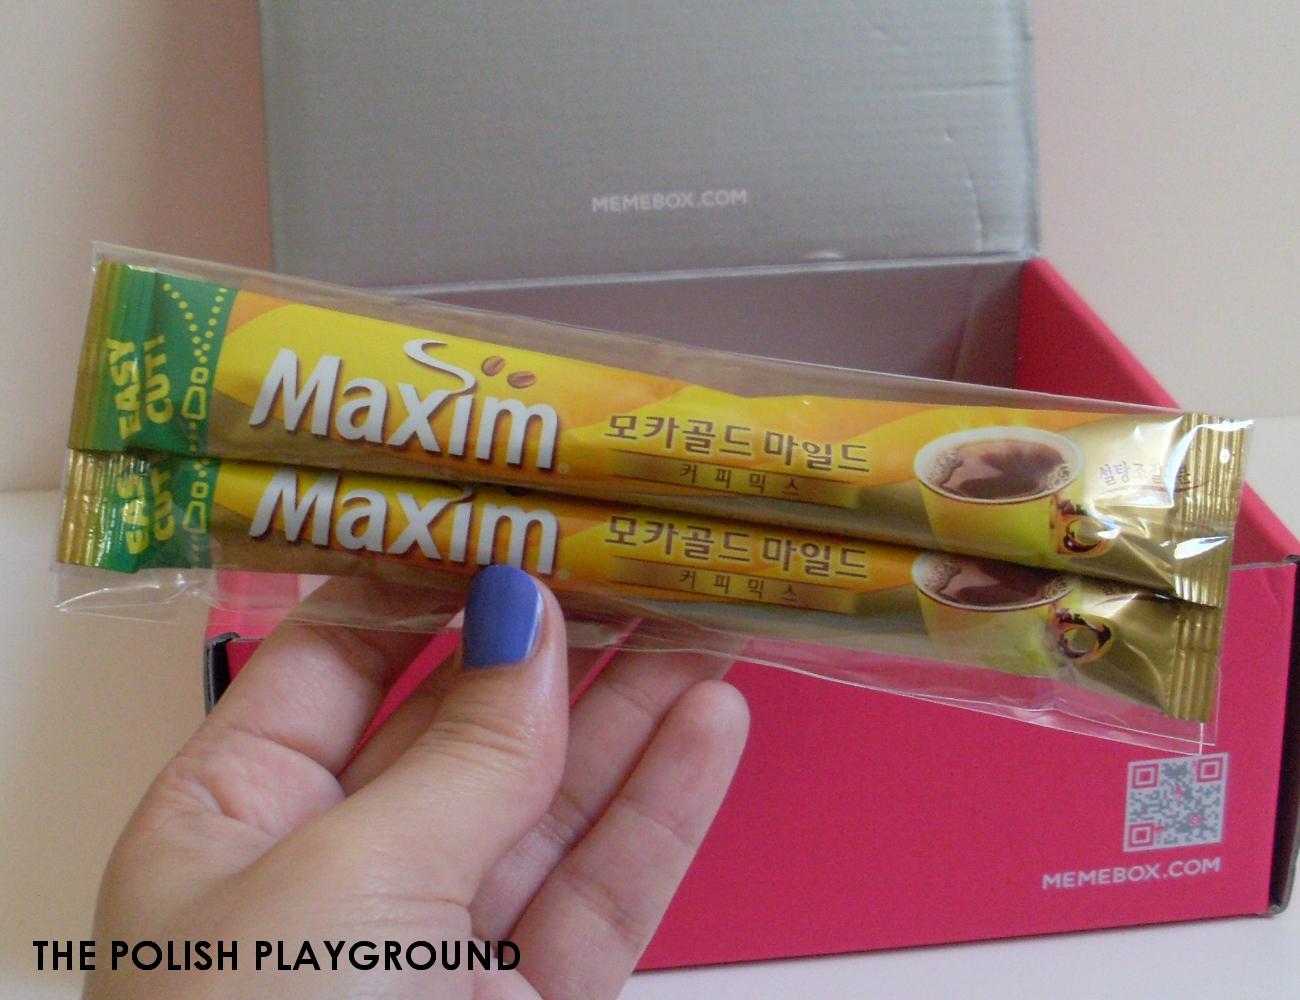 Memebox Office Essentials Unboxing - Maxim Maxim Mocha Gold